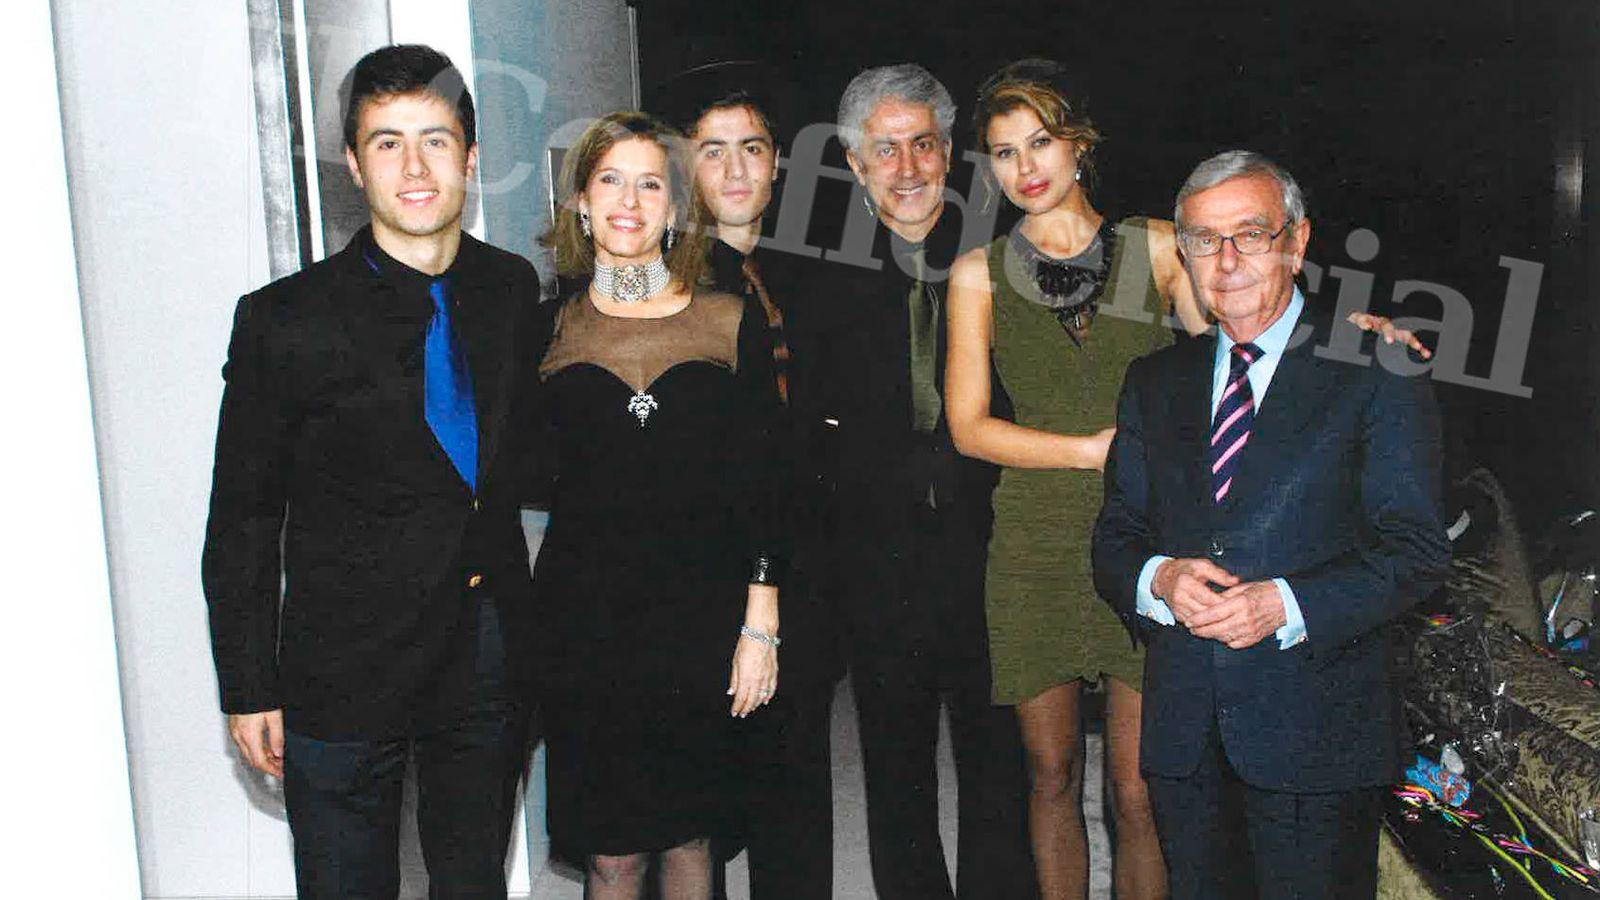 Foto: Zandi, en el centro, en una foto de grupo en la que aparece Rafael Ansón, apoderado de otra 'offshore' que aparece en los Papeles de Panamá.